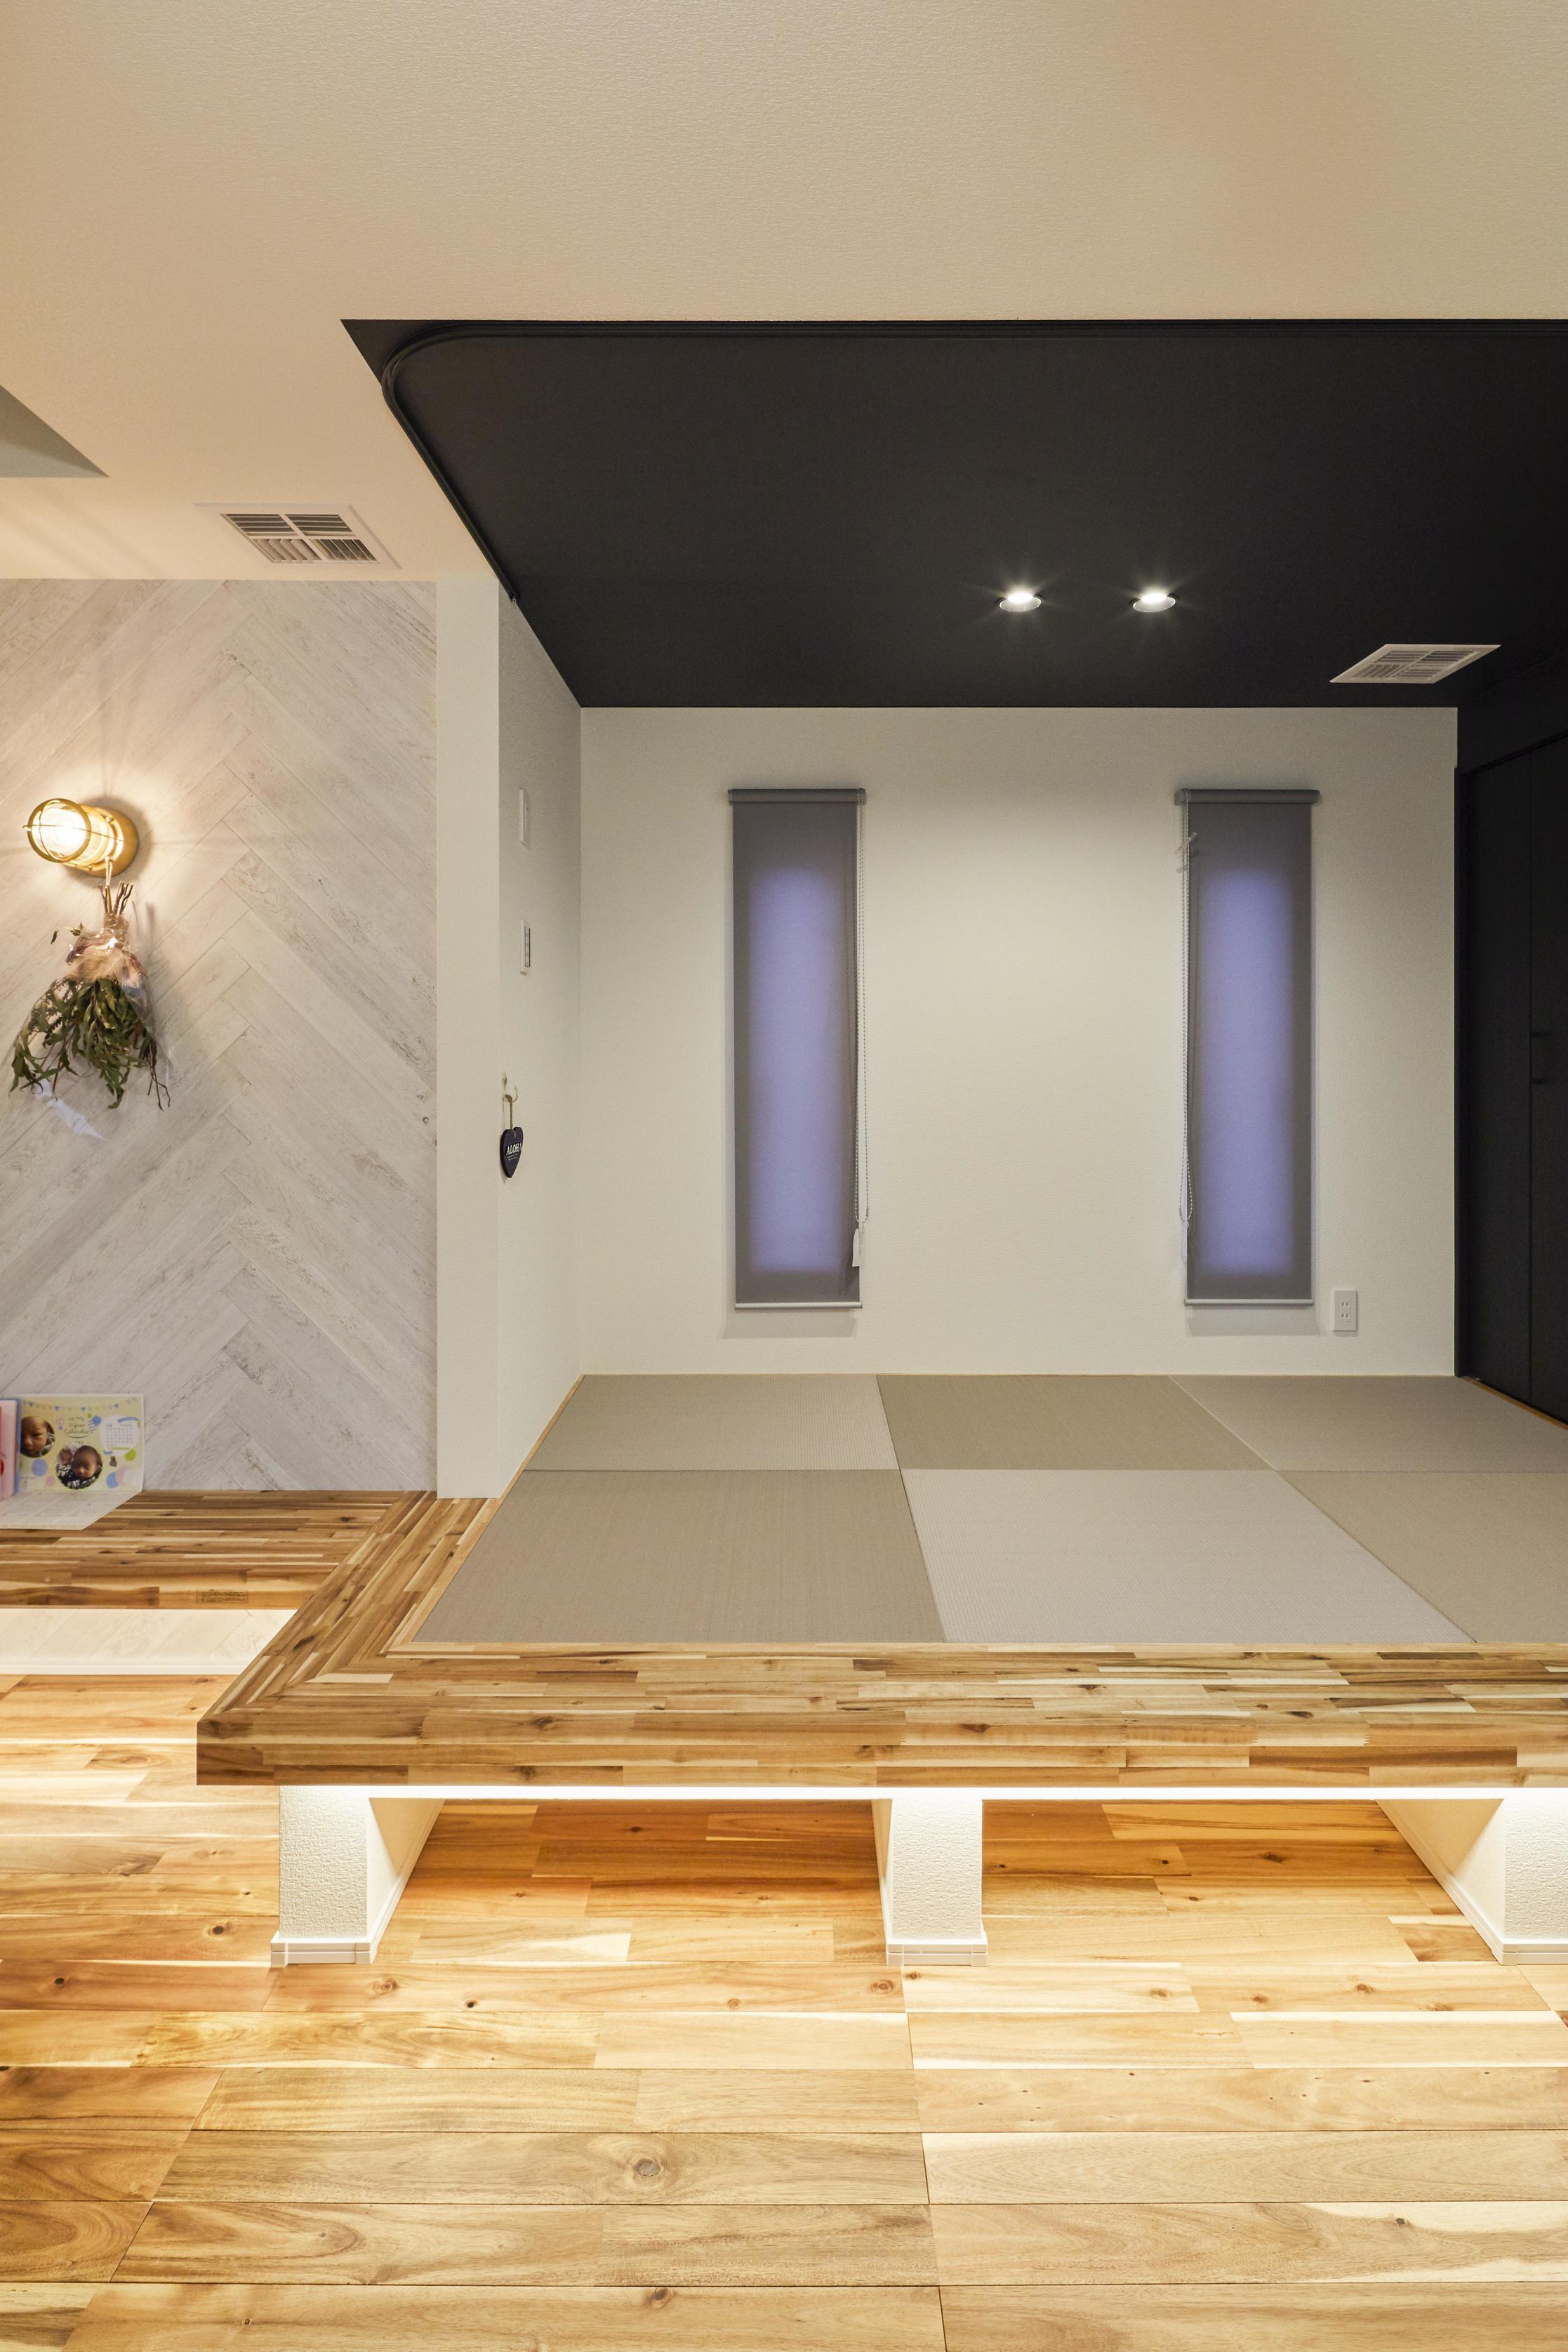 床下収納ができるよう小上がり和室に。間接照明が暖かい空間を演出してくれる